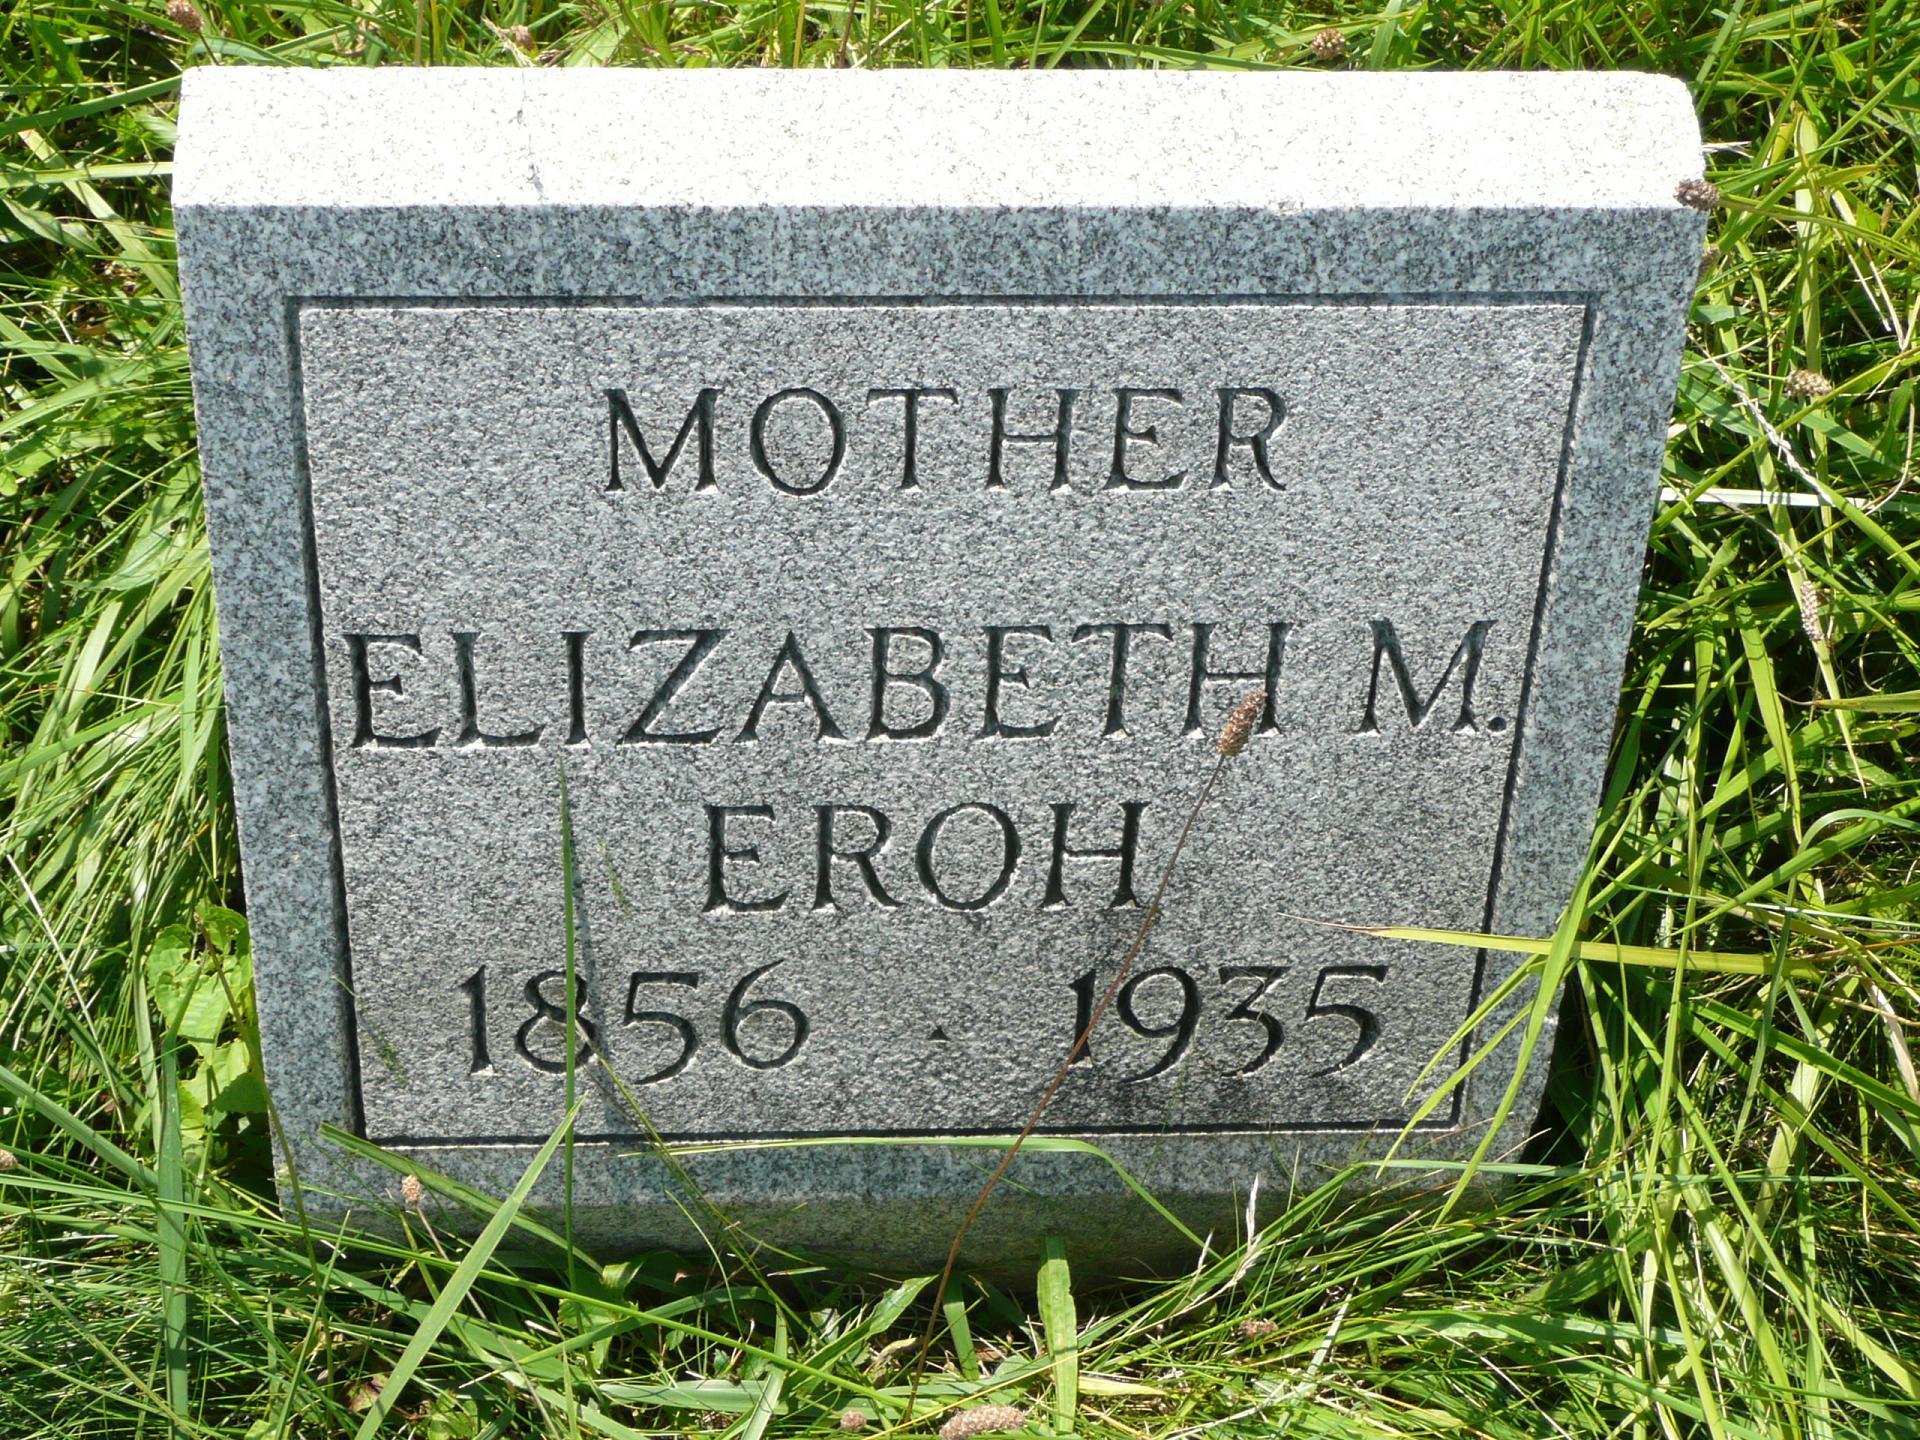 Elizabeth Eroh